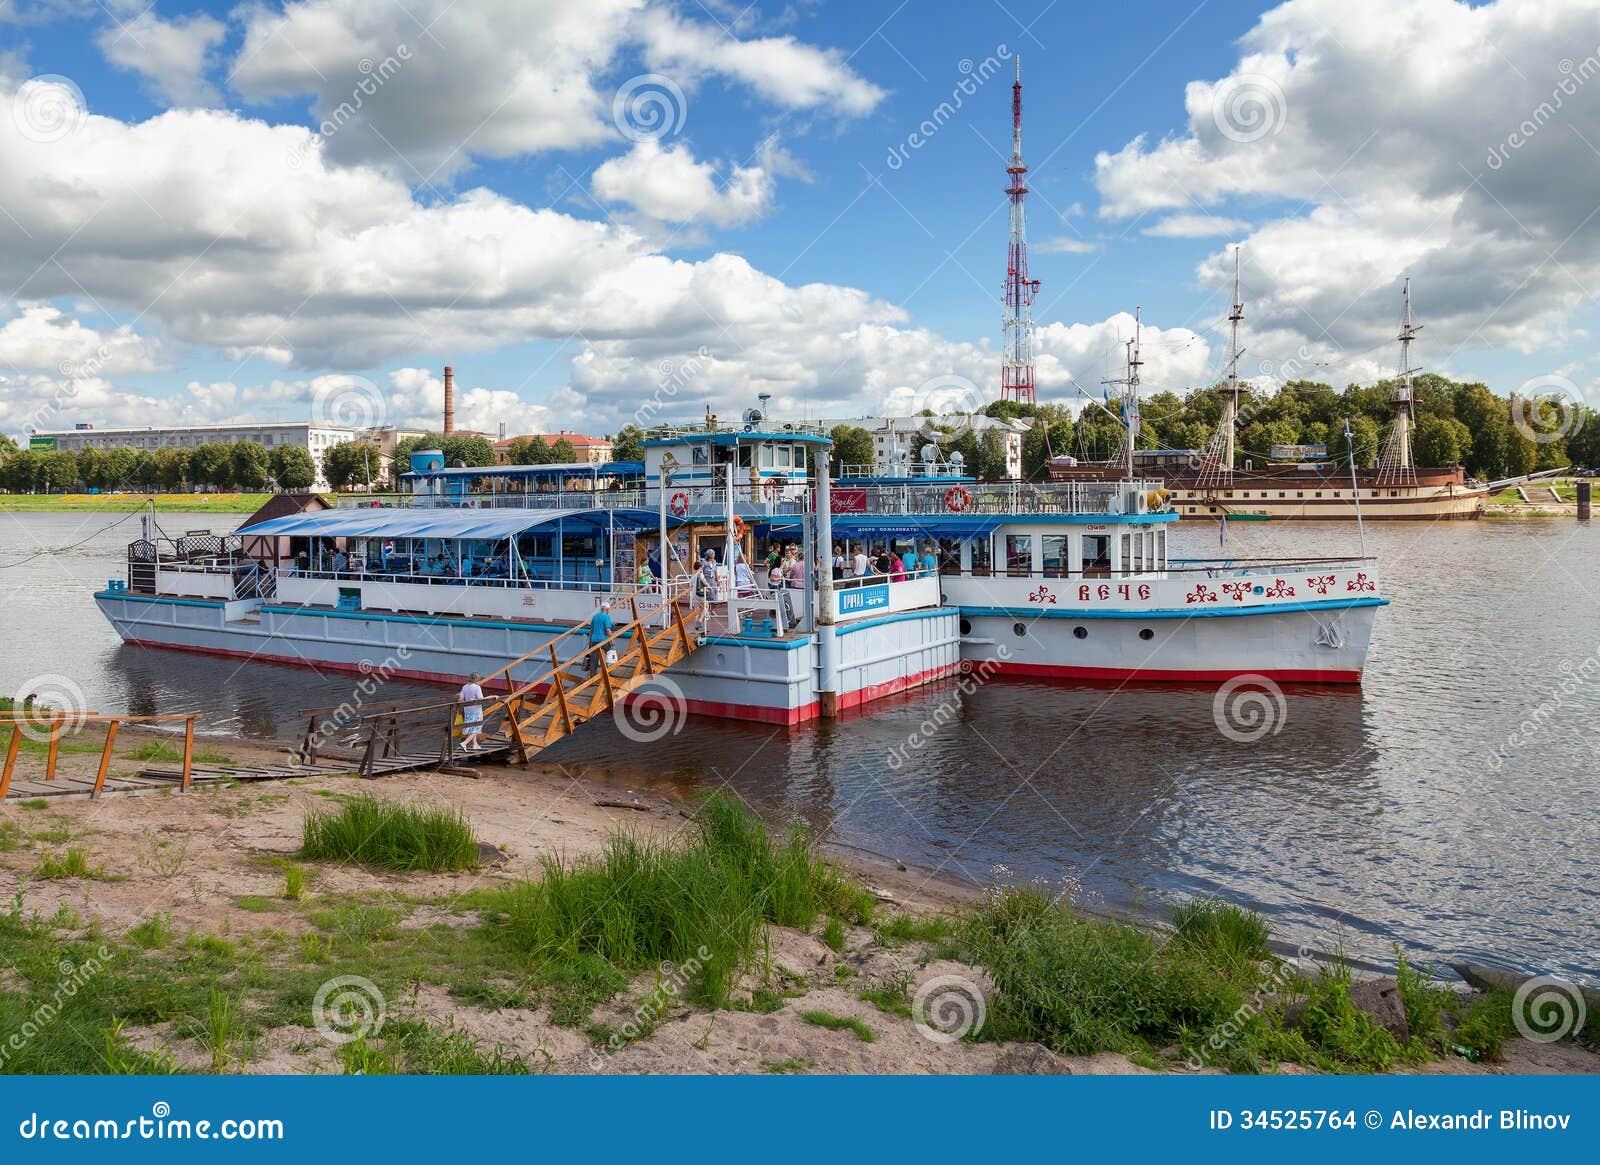 Novgorod - famous ancient